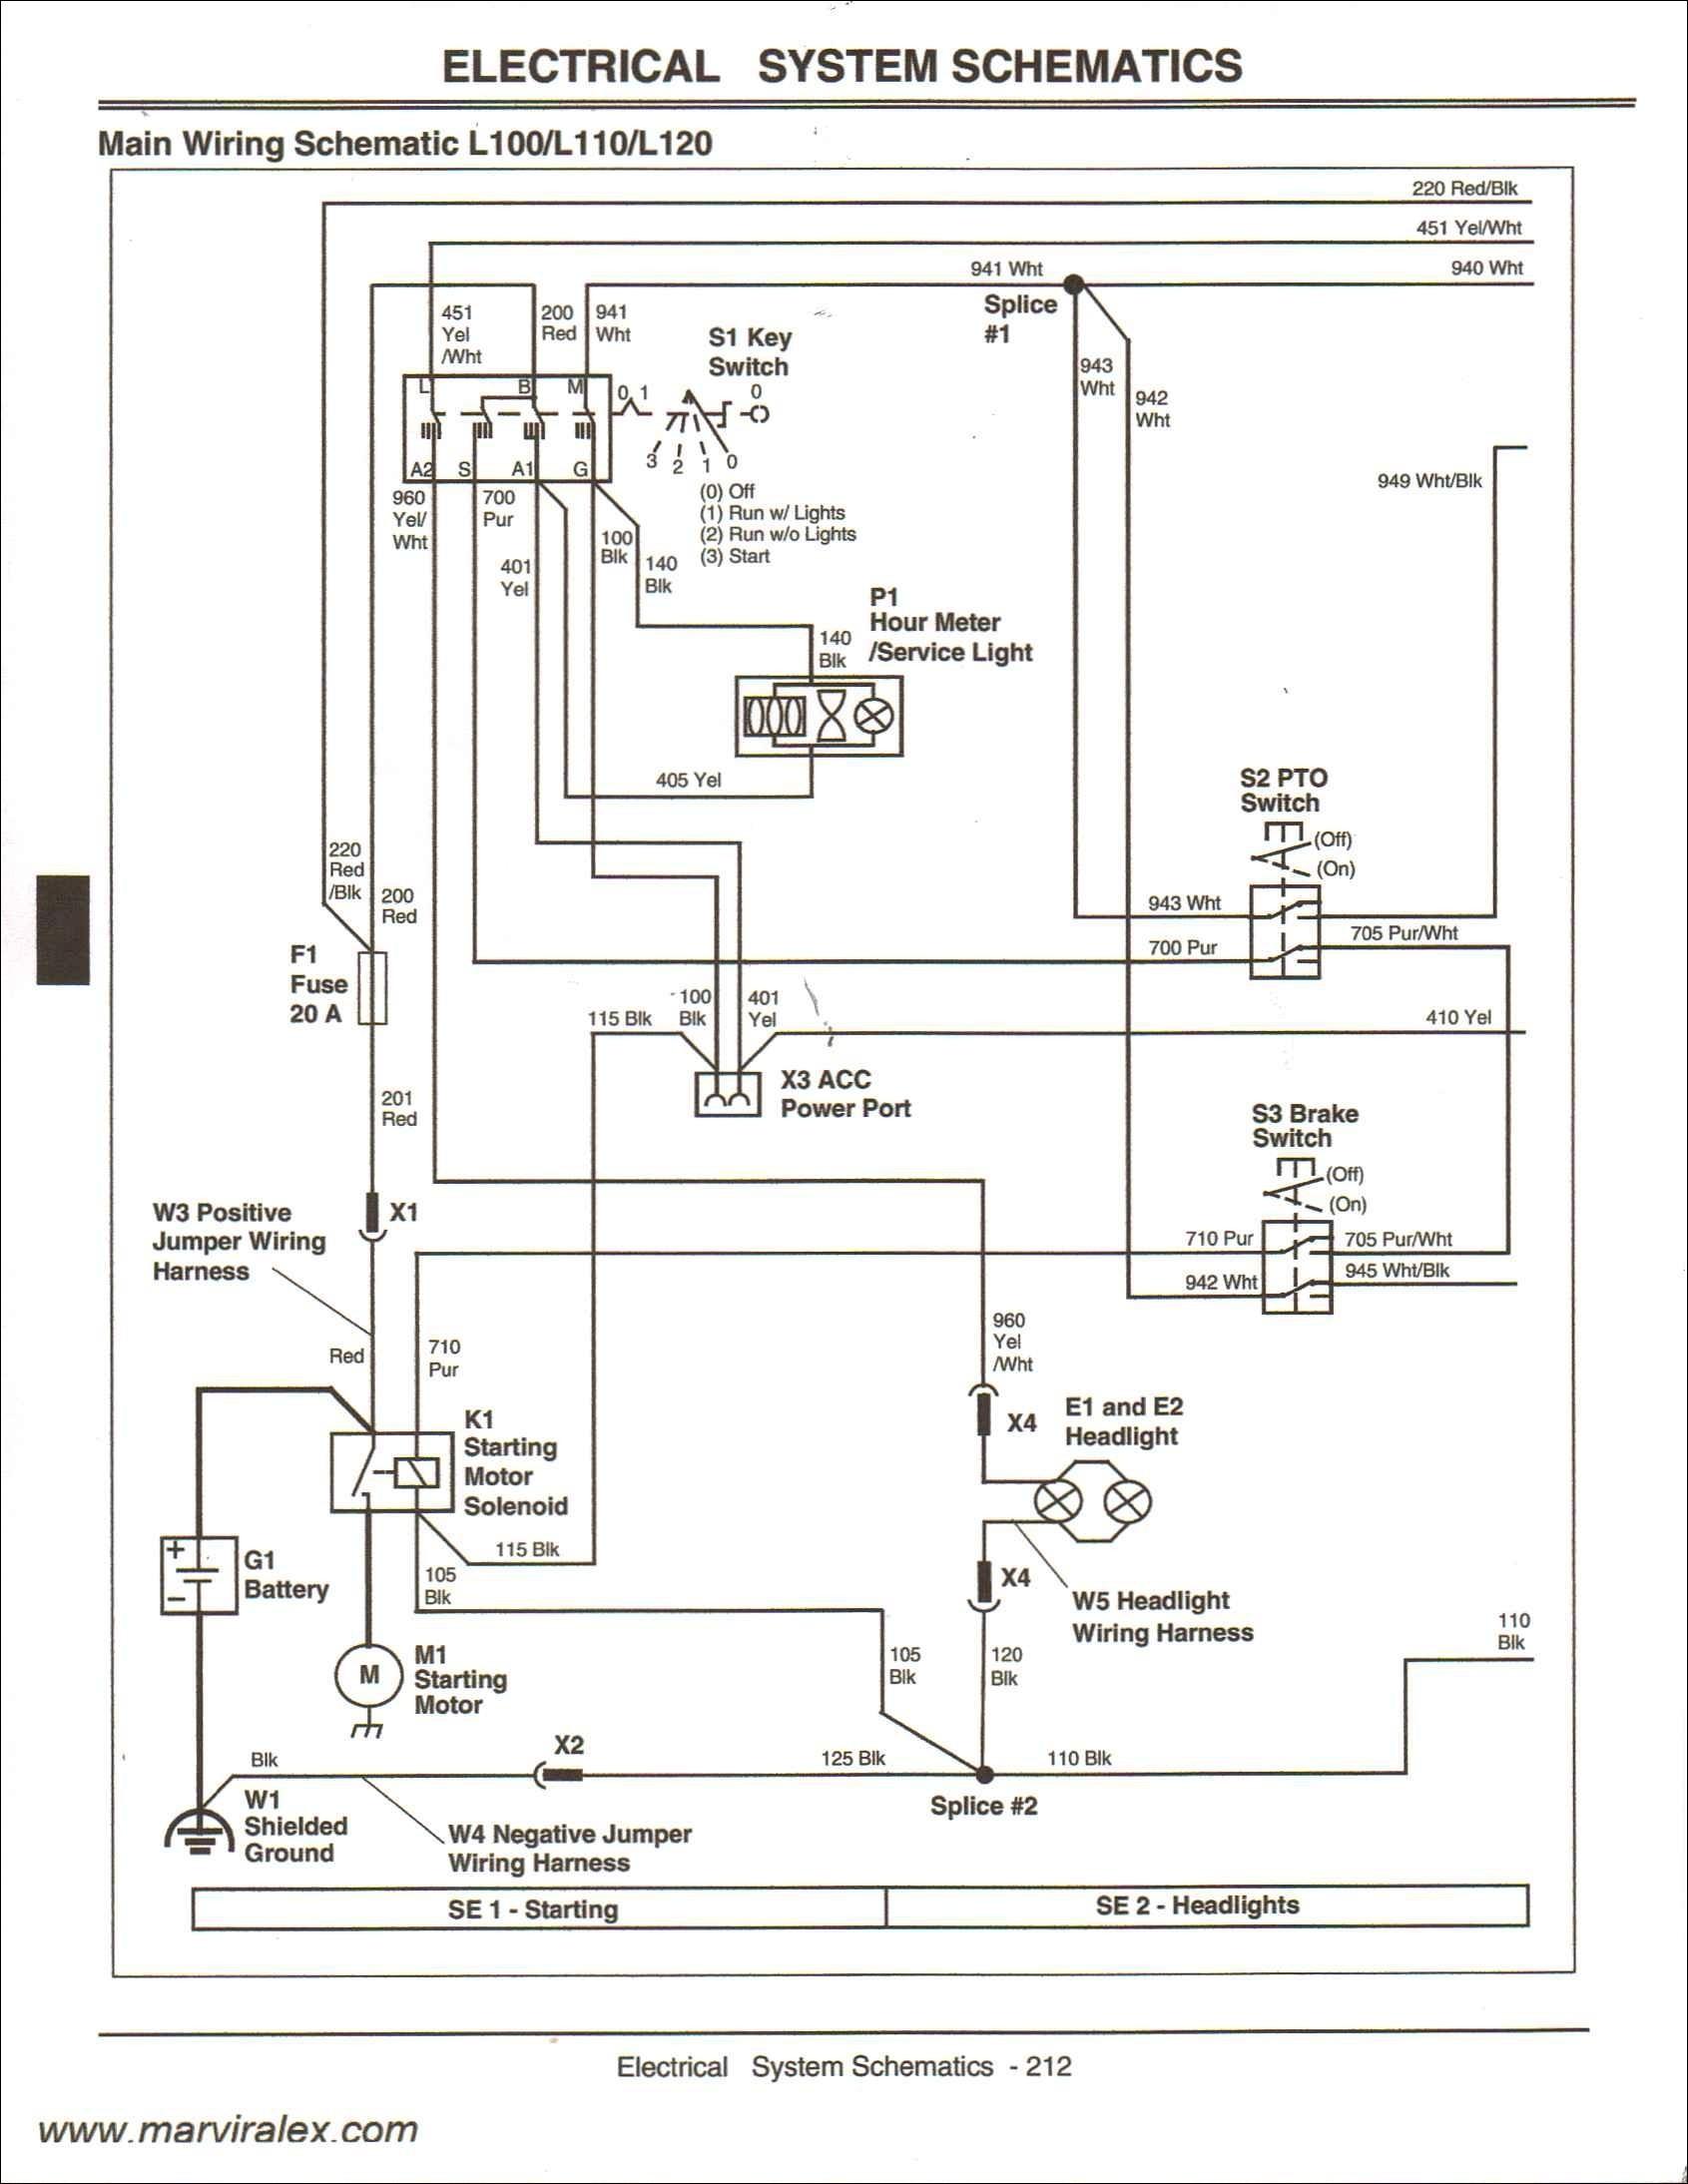 Wireing Diagram for John Deere 345 Kn 1432] John Deere Gator Ignition Wiring Diagram View Of Wireing Diagram for John Deere 345